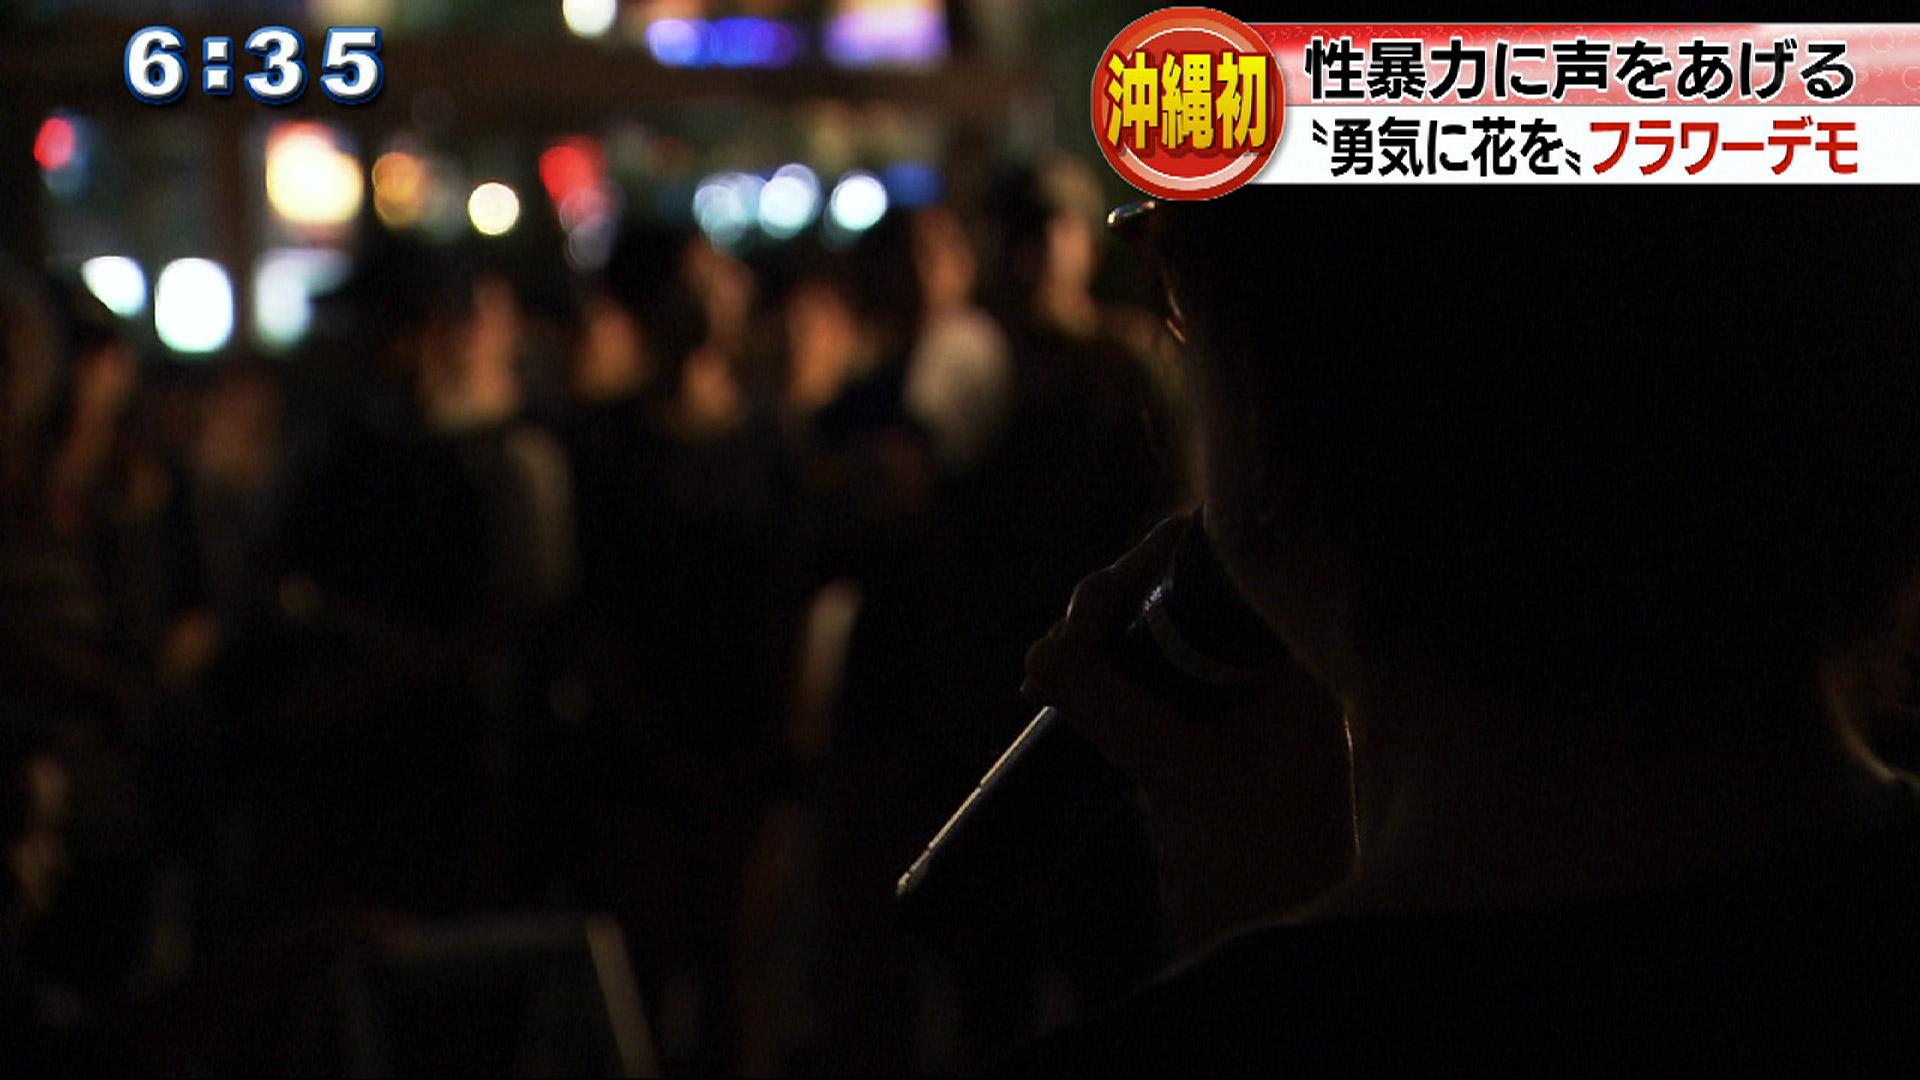 """""""勇気に花を"""" 性暴力に立ち向かうフラワーデモ"""